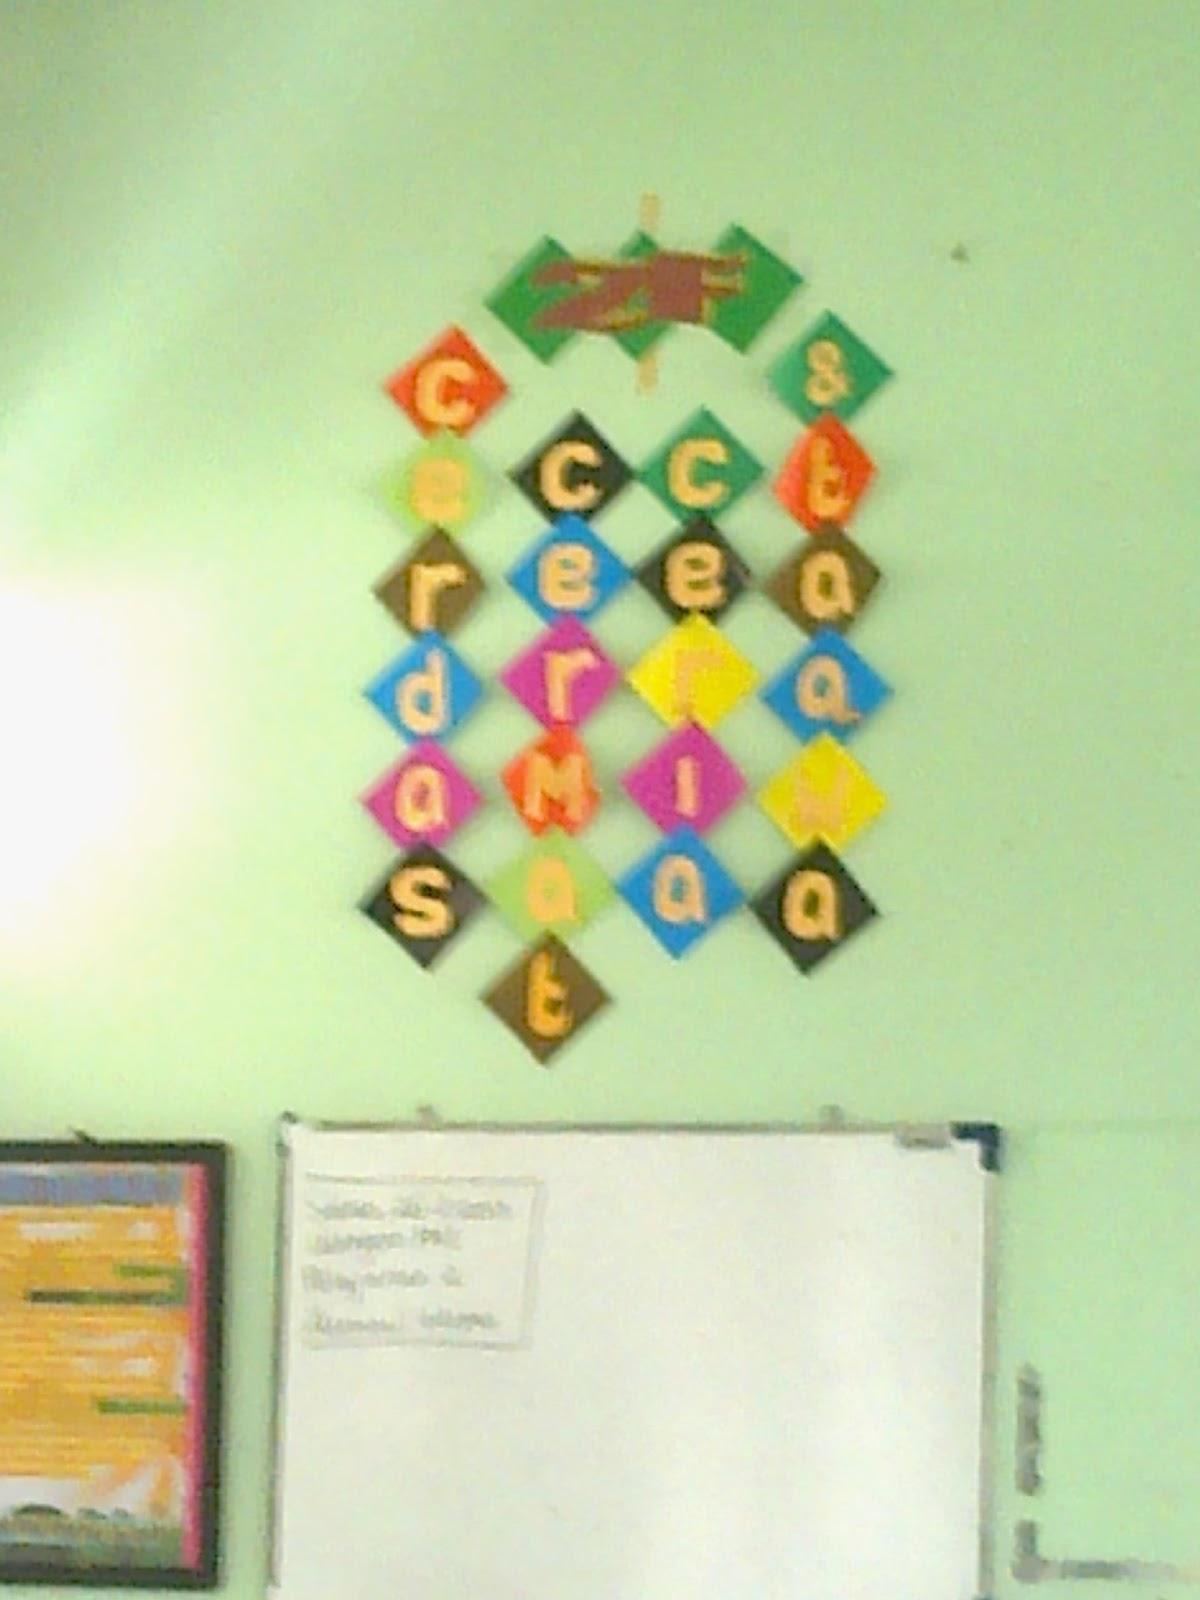 Hiasan Jendela Kelas Dari Kertas Origami | Blog Video Tutorial